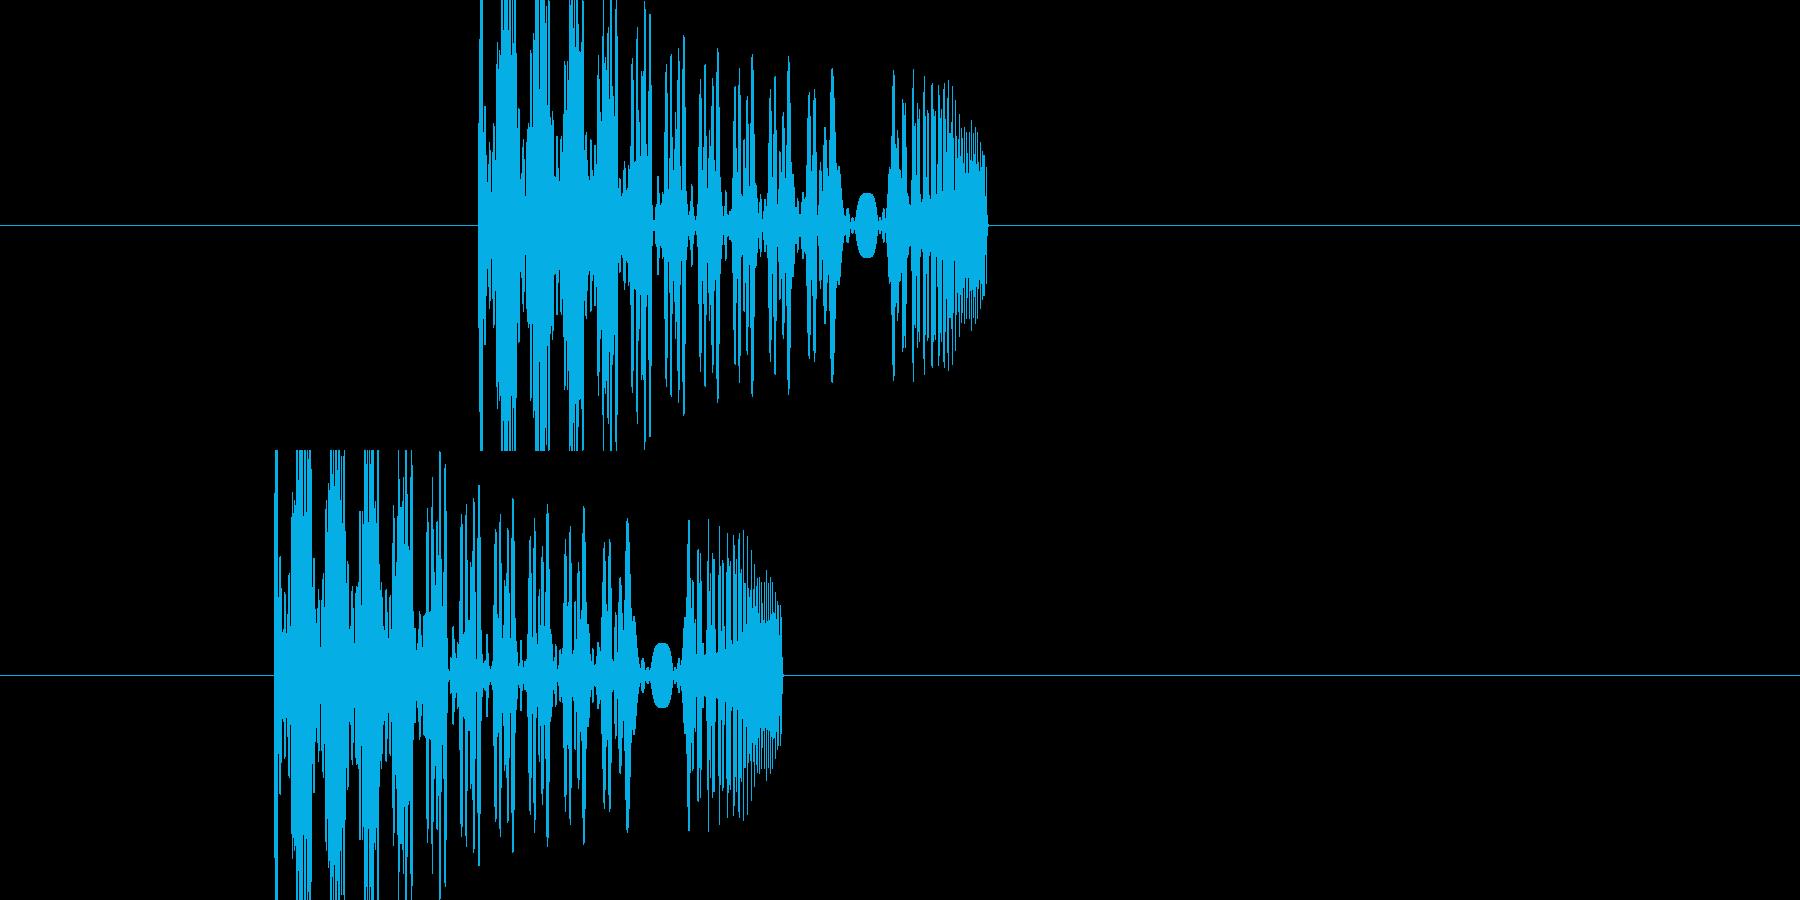 効果音(ポヨン+シュー)の再生済みの波形